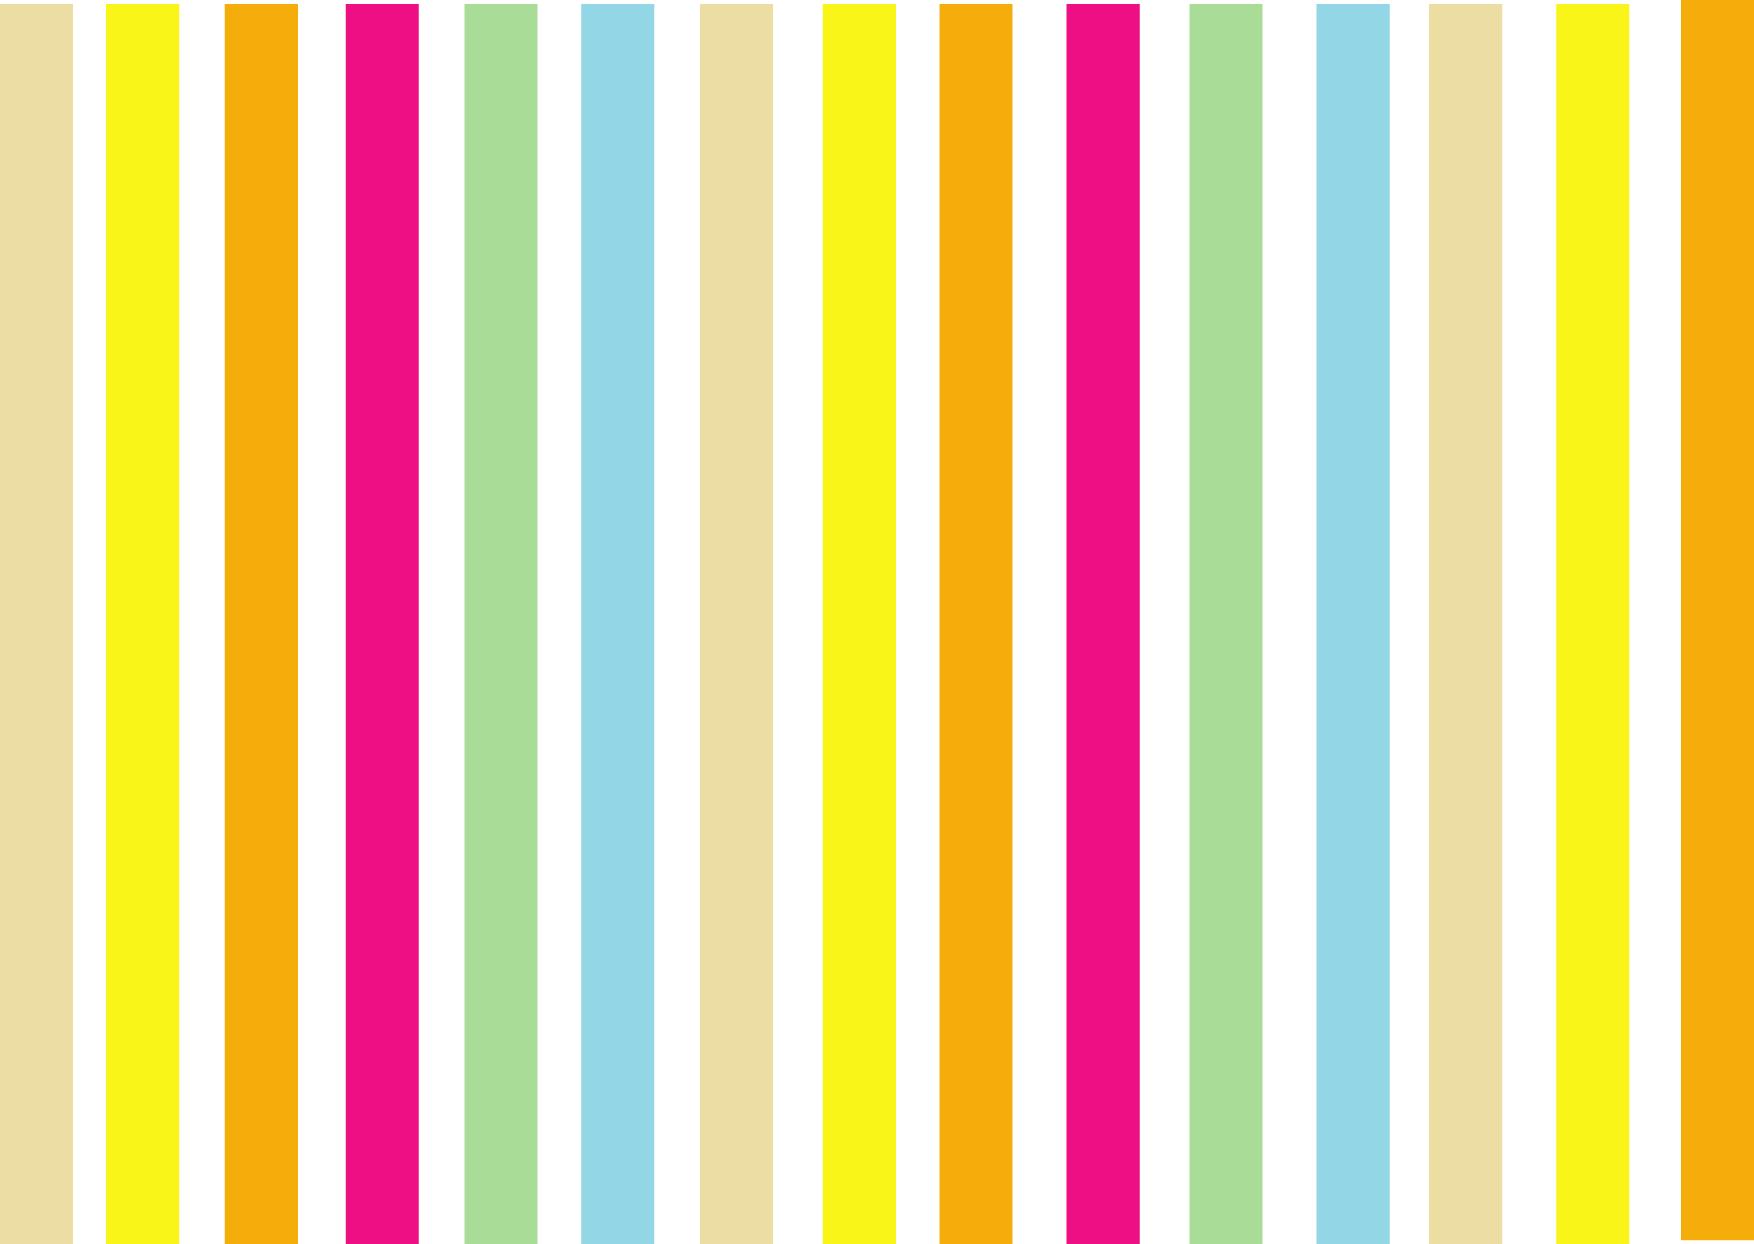 colorful stripe wallpaper 8886 umadcom 1754x1244 download hd wallpaper wallpapertip colorful stripe wallpaper 8886 umadcom